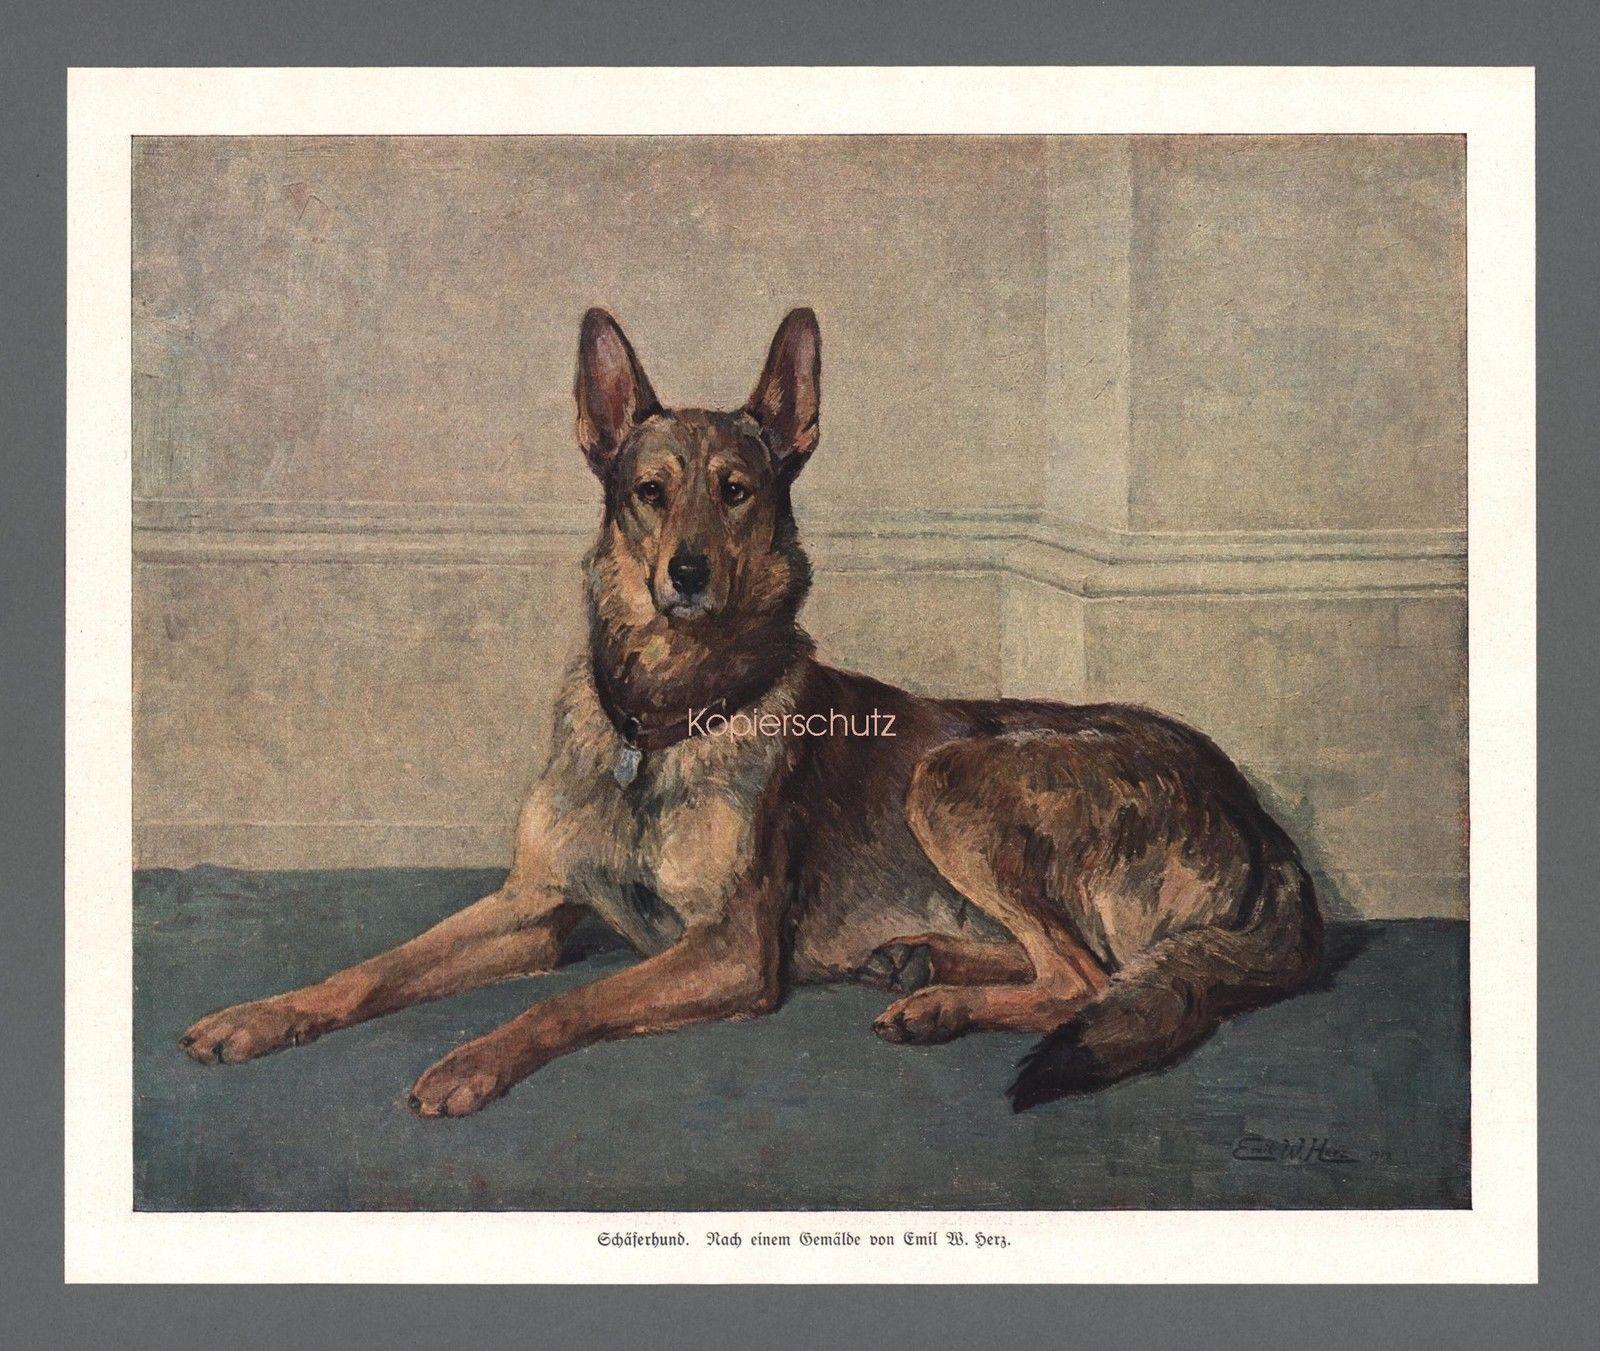 Emil W. Herz Kunstdruck Schäferhund Hund Tier Frankfurt a